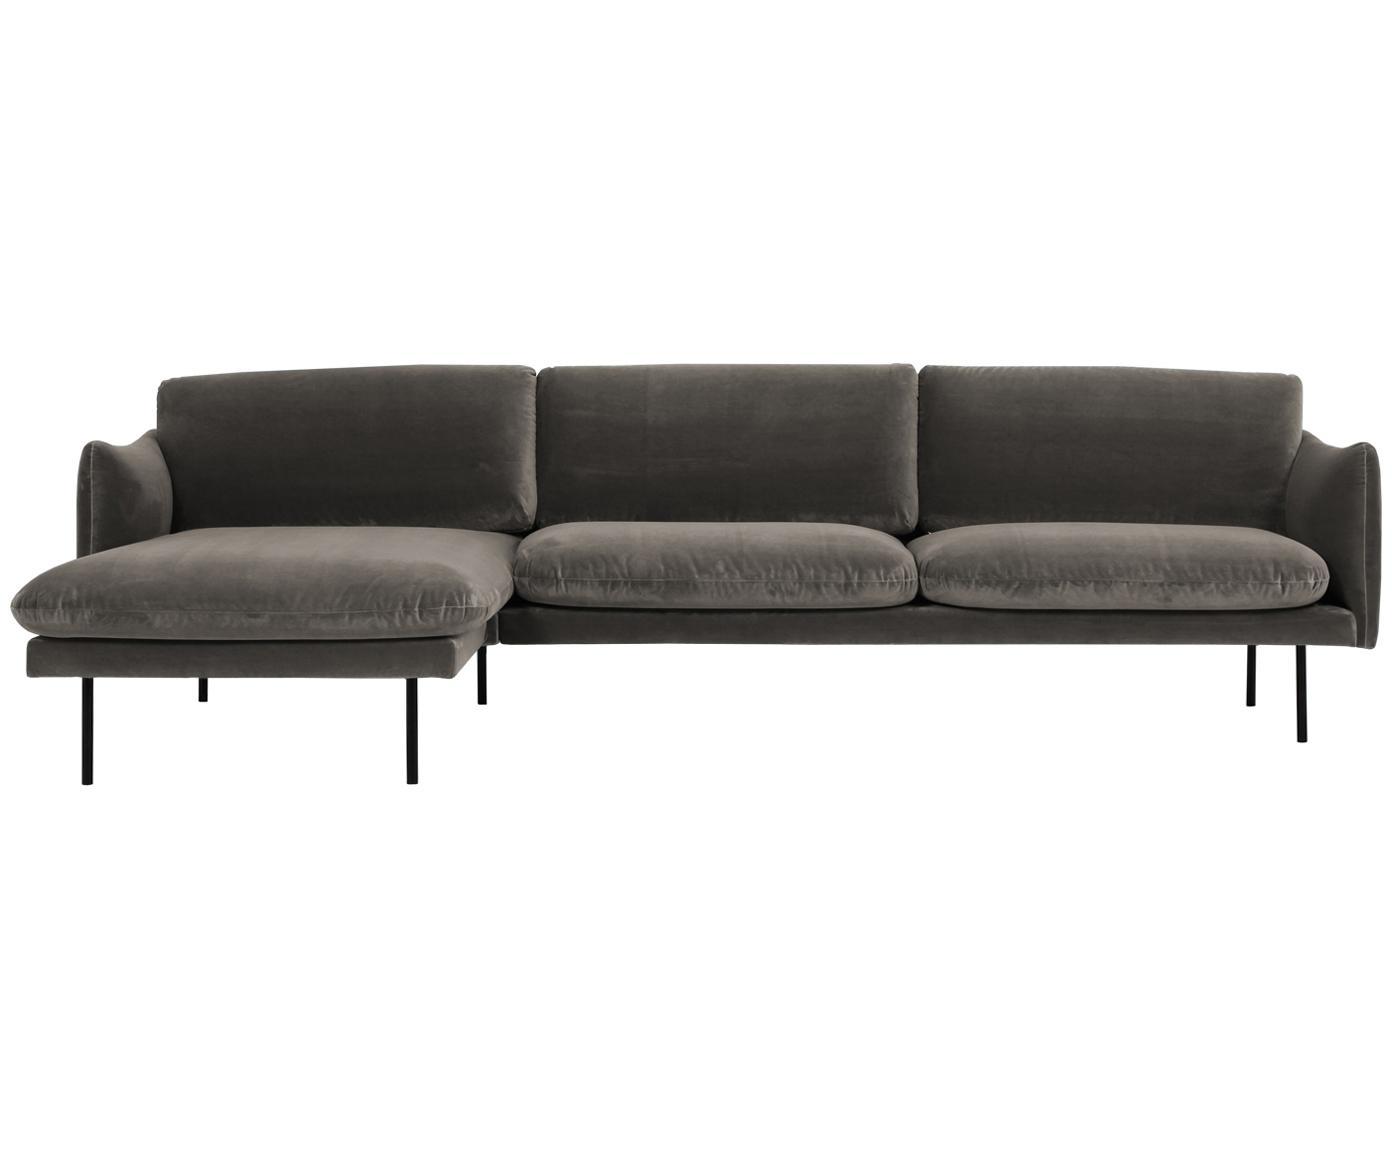 Sofa narożna z aksamitu Moby, Tapicerka: aksamit (wysokiej jakości, Stelaż: lite drewno sosnowe, Nogi: metal malowany proszkowo, Aksamitny szarobrązowy, S 280 x G 160 cm